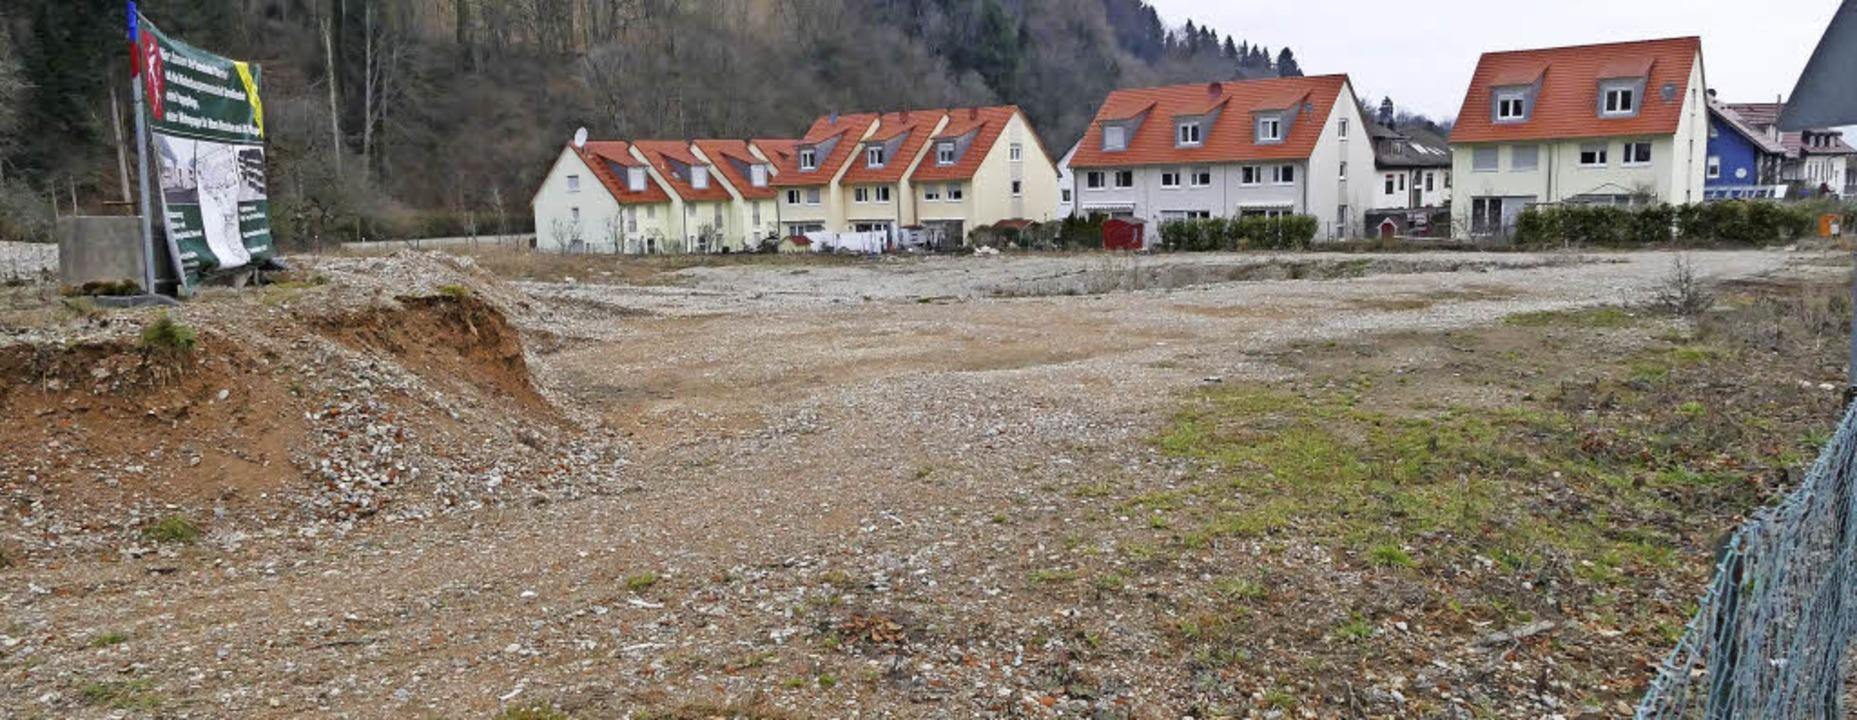 Hier soll gebaut werden: Das Grundstüc...nenareal am Ortseingang von Oberried.     Foto: Markus Donner